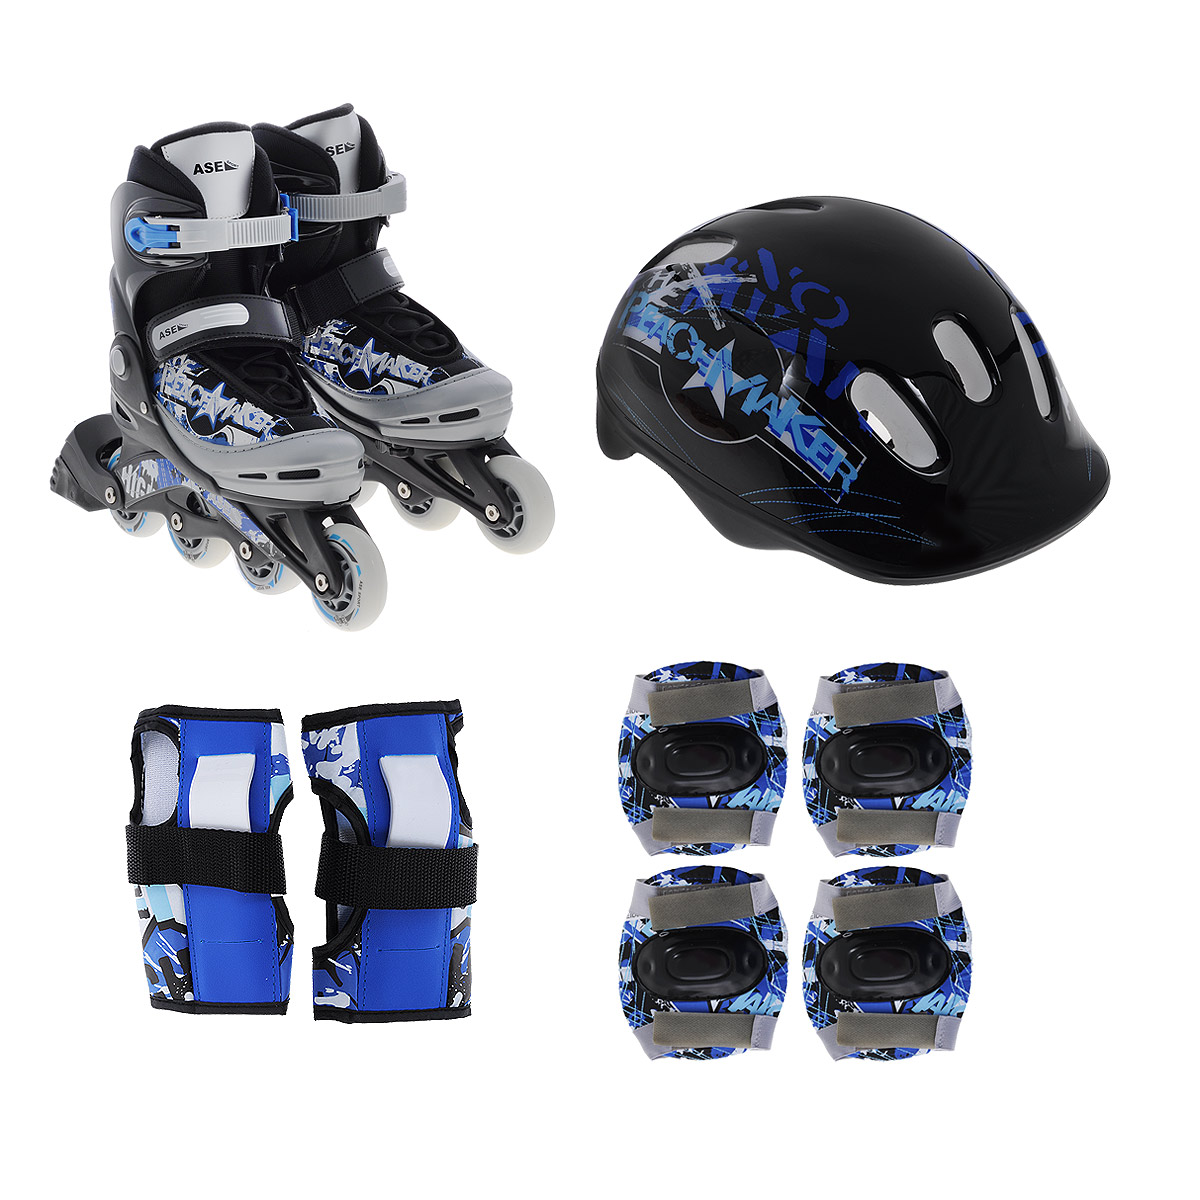 Комплект Ase-Sport Combo: коньки роликовые, шлем, защита, цвет: синий. ASE-617M. Размер S (30/33)COMBO ASE-617MКомплектуются роликовыми коньками ASE-617.Конструкция: верх сапожка изготовлен из современного синтетического материала, стойкого к внешним воздействиям. Внутри сапожка отделка сделана из синтетического материала с мягкой подкладкой в боковых частях для более удобной и надежной фиксации ноги во время катания. Застежка типа AUTO LOCK удобно регулируется на нужный размер. Система изменения размера корпуса проста в использовании, позволяет быстро и комфортно подогнать сапожок под ногу. ыКорпус роликов изготовлен из прочного пластика, стойкого к механическим нагрузкам и внешним воздействиям окружающей среды. Интегрированная в корпус рама (единая конструкция) дает дополнительную прочность корпусу, исключая риск поломки при механических нагрузках, а также эффективно гасит вибрацию во время катания. Стельки сделаны из специального вспененного материала, который удобно повторяет анатомическое строение стопы ноги и дополнительно поглощает вибрацию. Шнуровка коньков: матерчатые петли в сочетании с широким язычком, и шнурки из полиэстера с синтетическими волокнами для более прочной фиксации ноги.Ролики комплектуются тормозом, колесами класса жесткости 82А. Диаметр колес 70 мм, точность подшипников ABEC-5. В комплект входят: ролики, защитный шлем, роликовая защита рук, ног и локтей, а также удобная и прочная сумка для переноски и хранения.